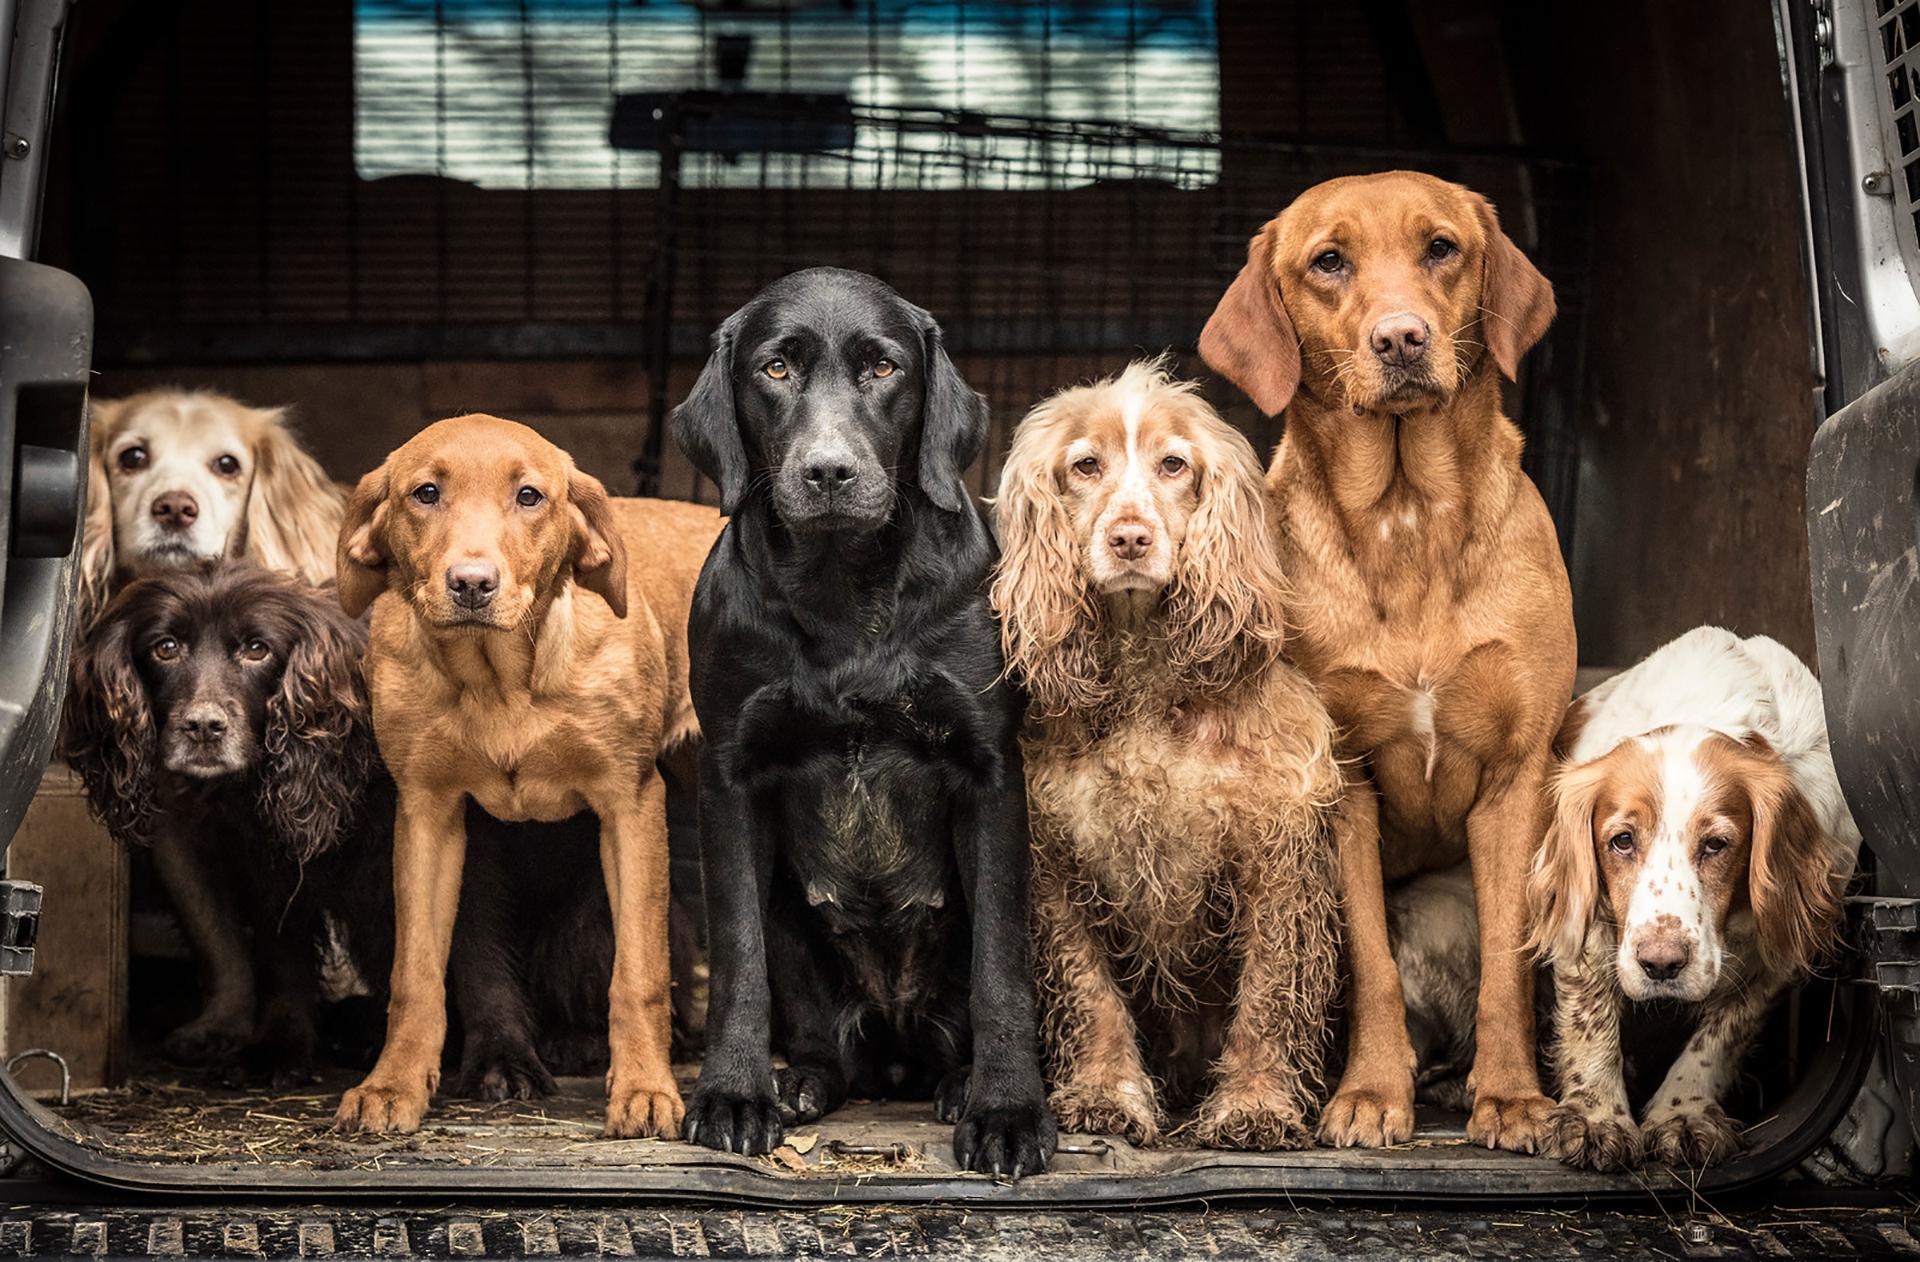 Dentro de las categorías que premiaron se encontraba la de perros trabajando. La autora de la fotografía logró retratar el momento exacto en el que Skye, Jenny, Pippin, Milly, Bramble, Ember y Bonnie se encontraban listos para salir de la camioneta (Tracy Kidd)